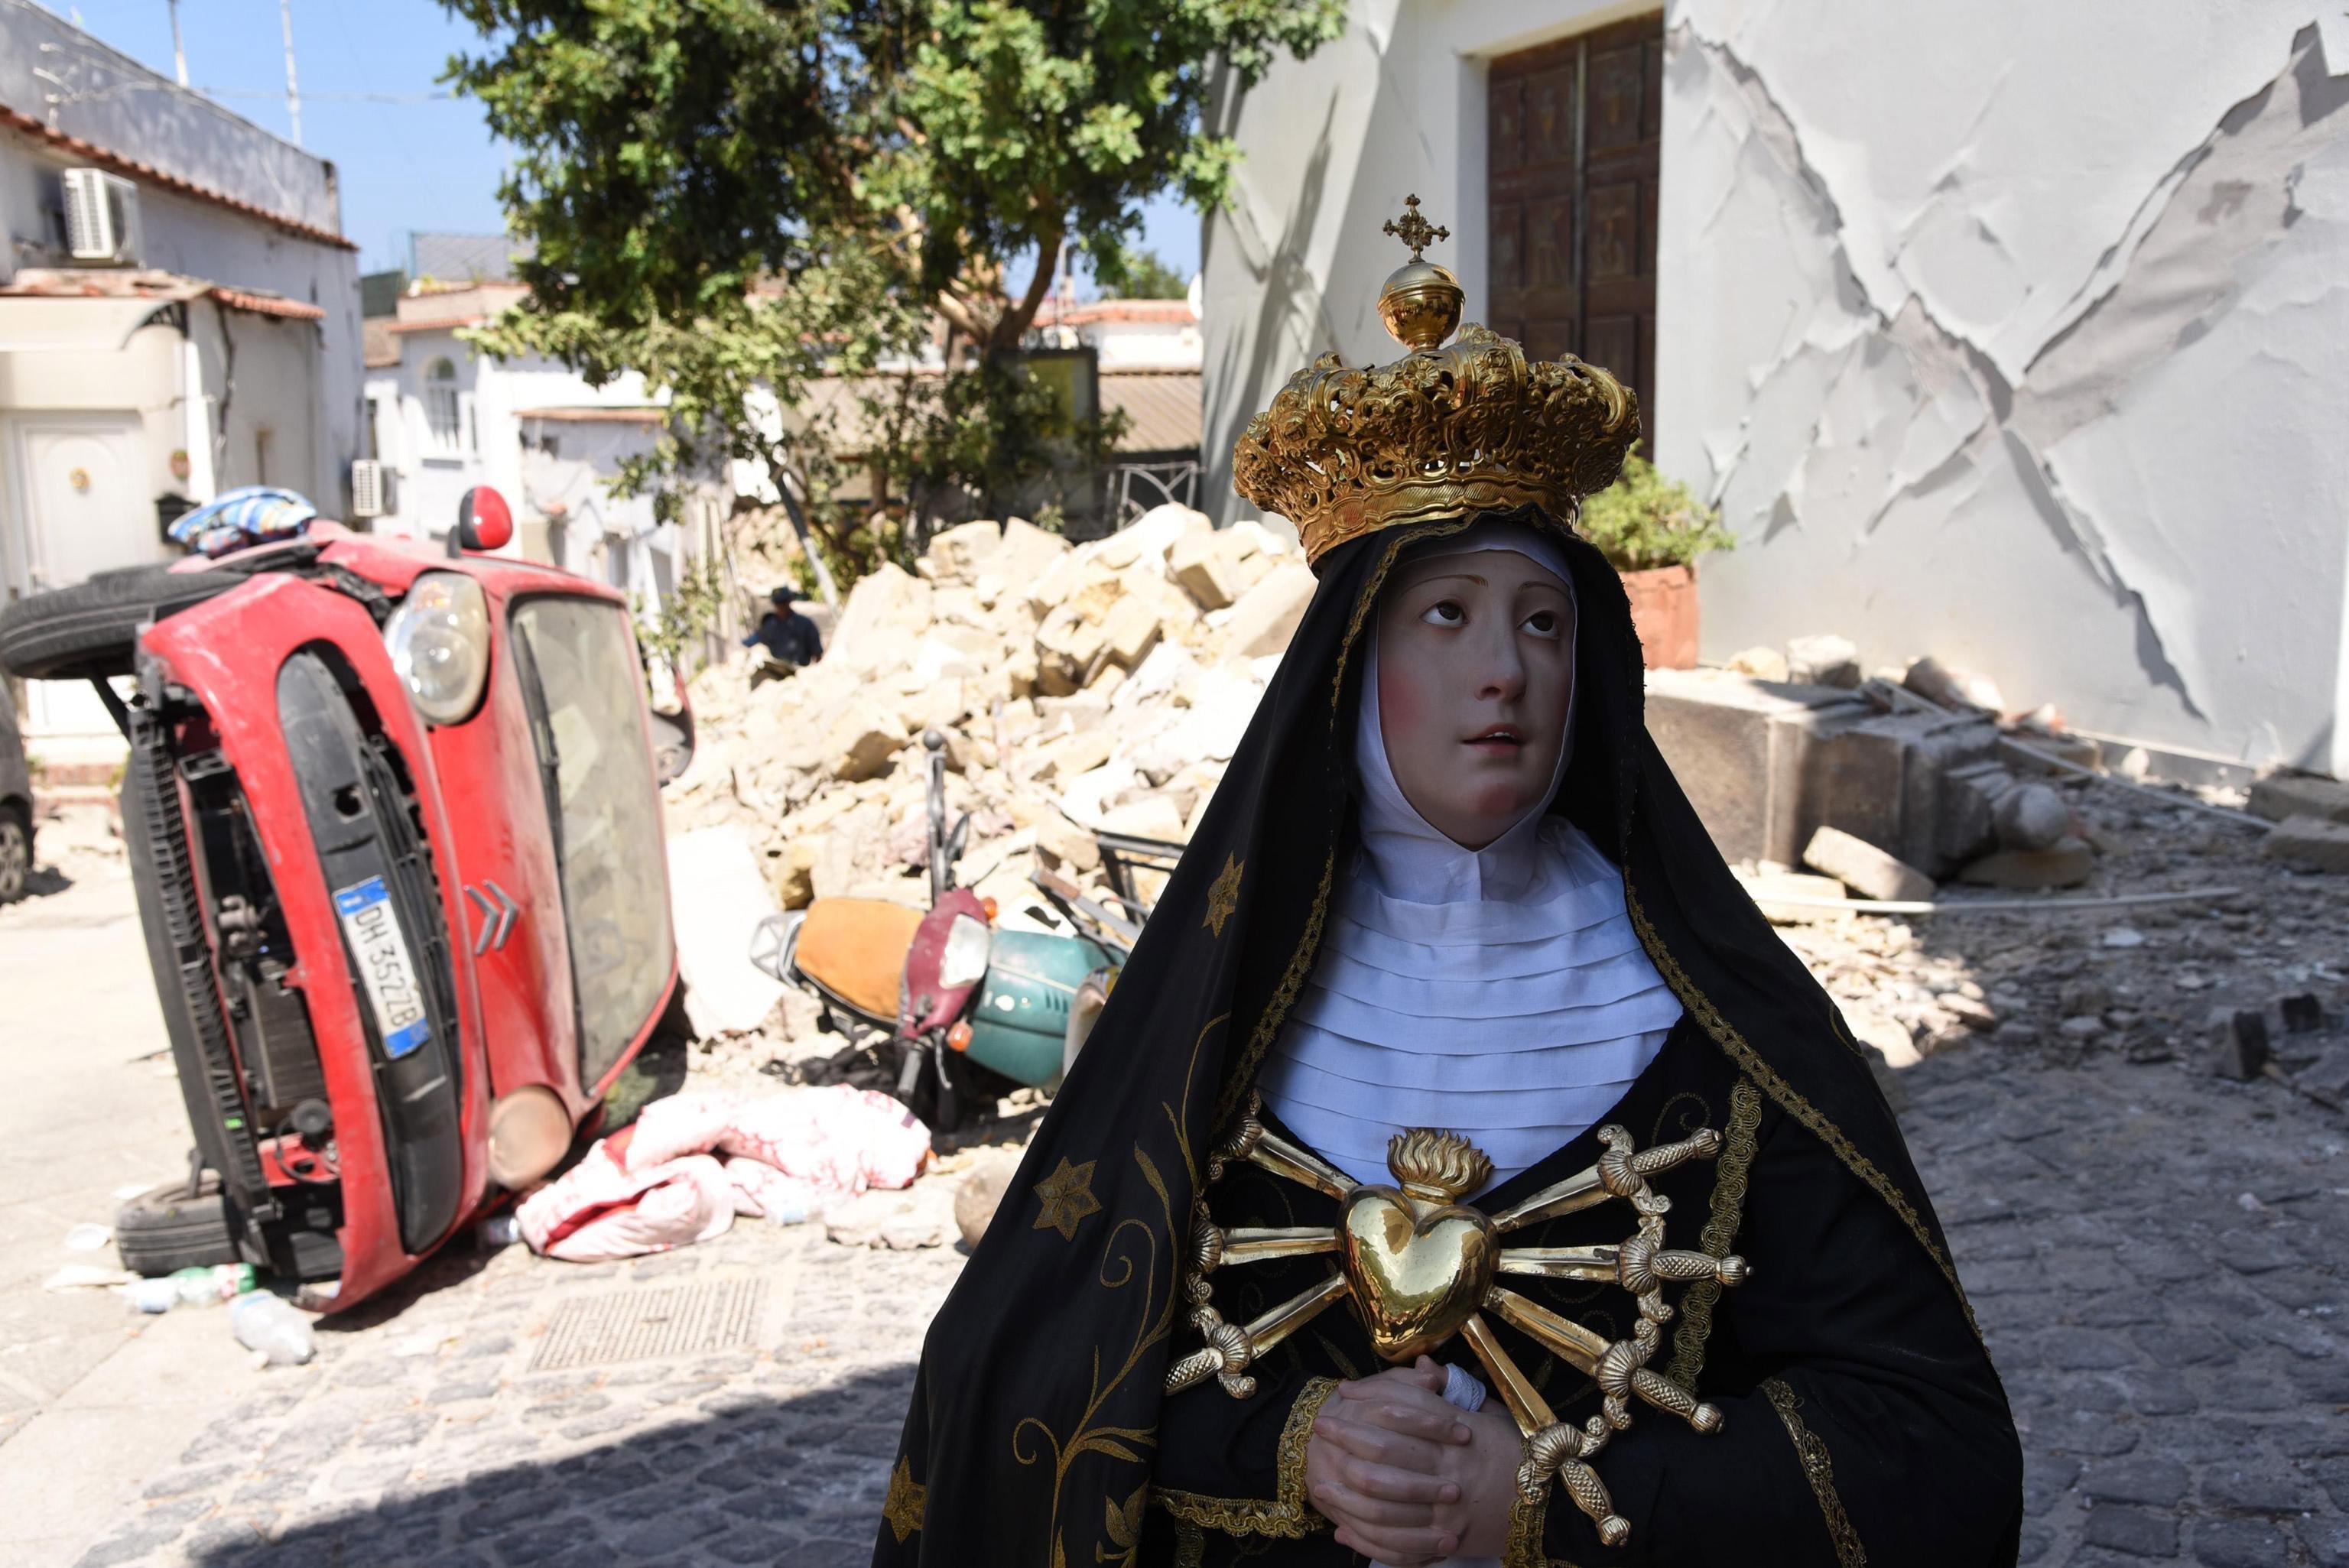 Vista d'una imatge d'una Mare de Déu catòlica rescatada de l'església del Purgatori al costat d'alguns danys del terratrèmol a Ischia, Itàlia./Corrado Amitrano